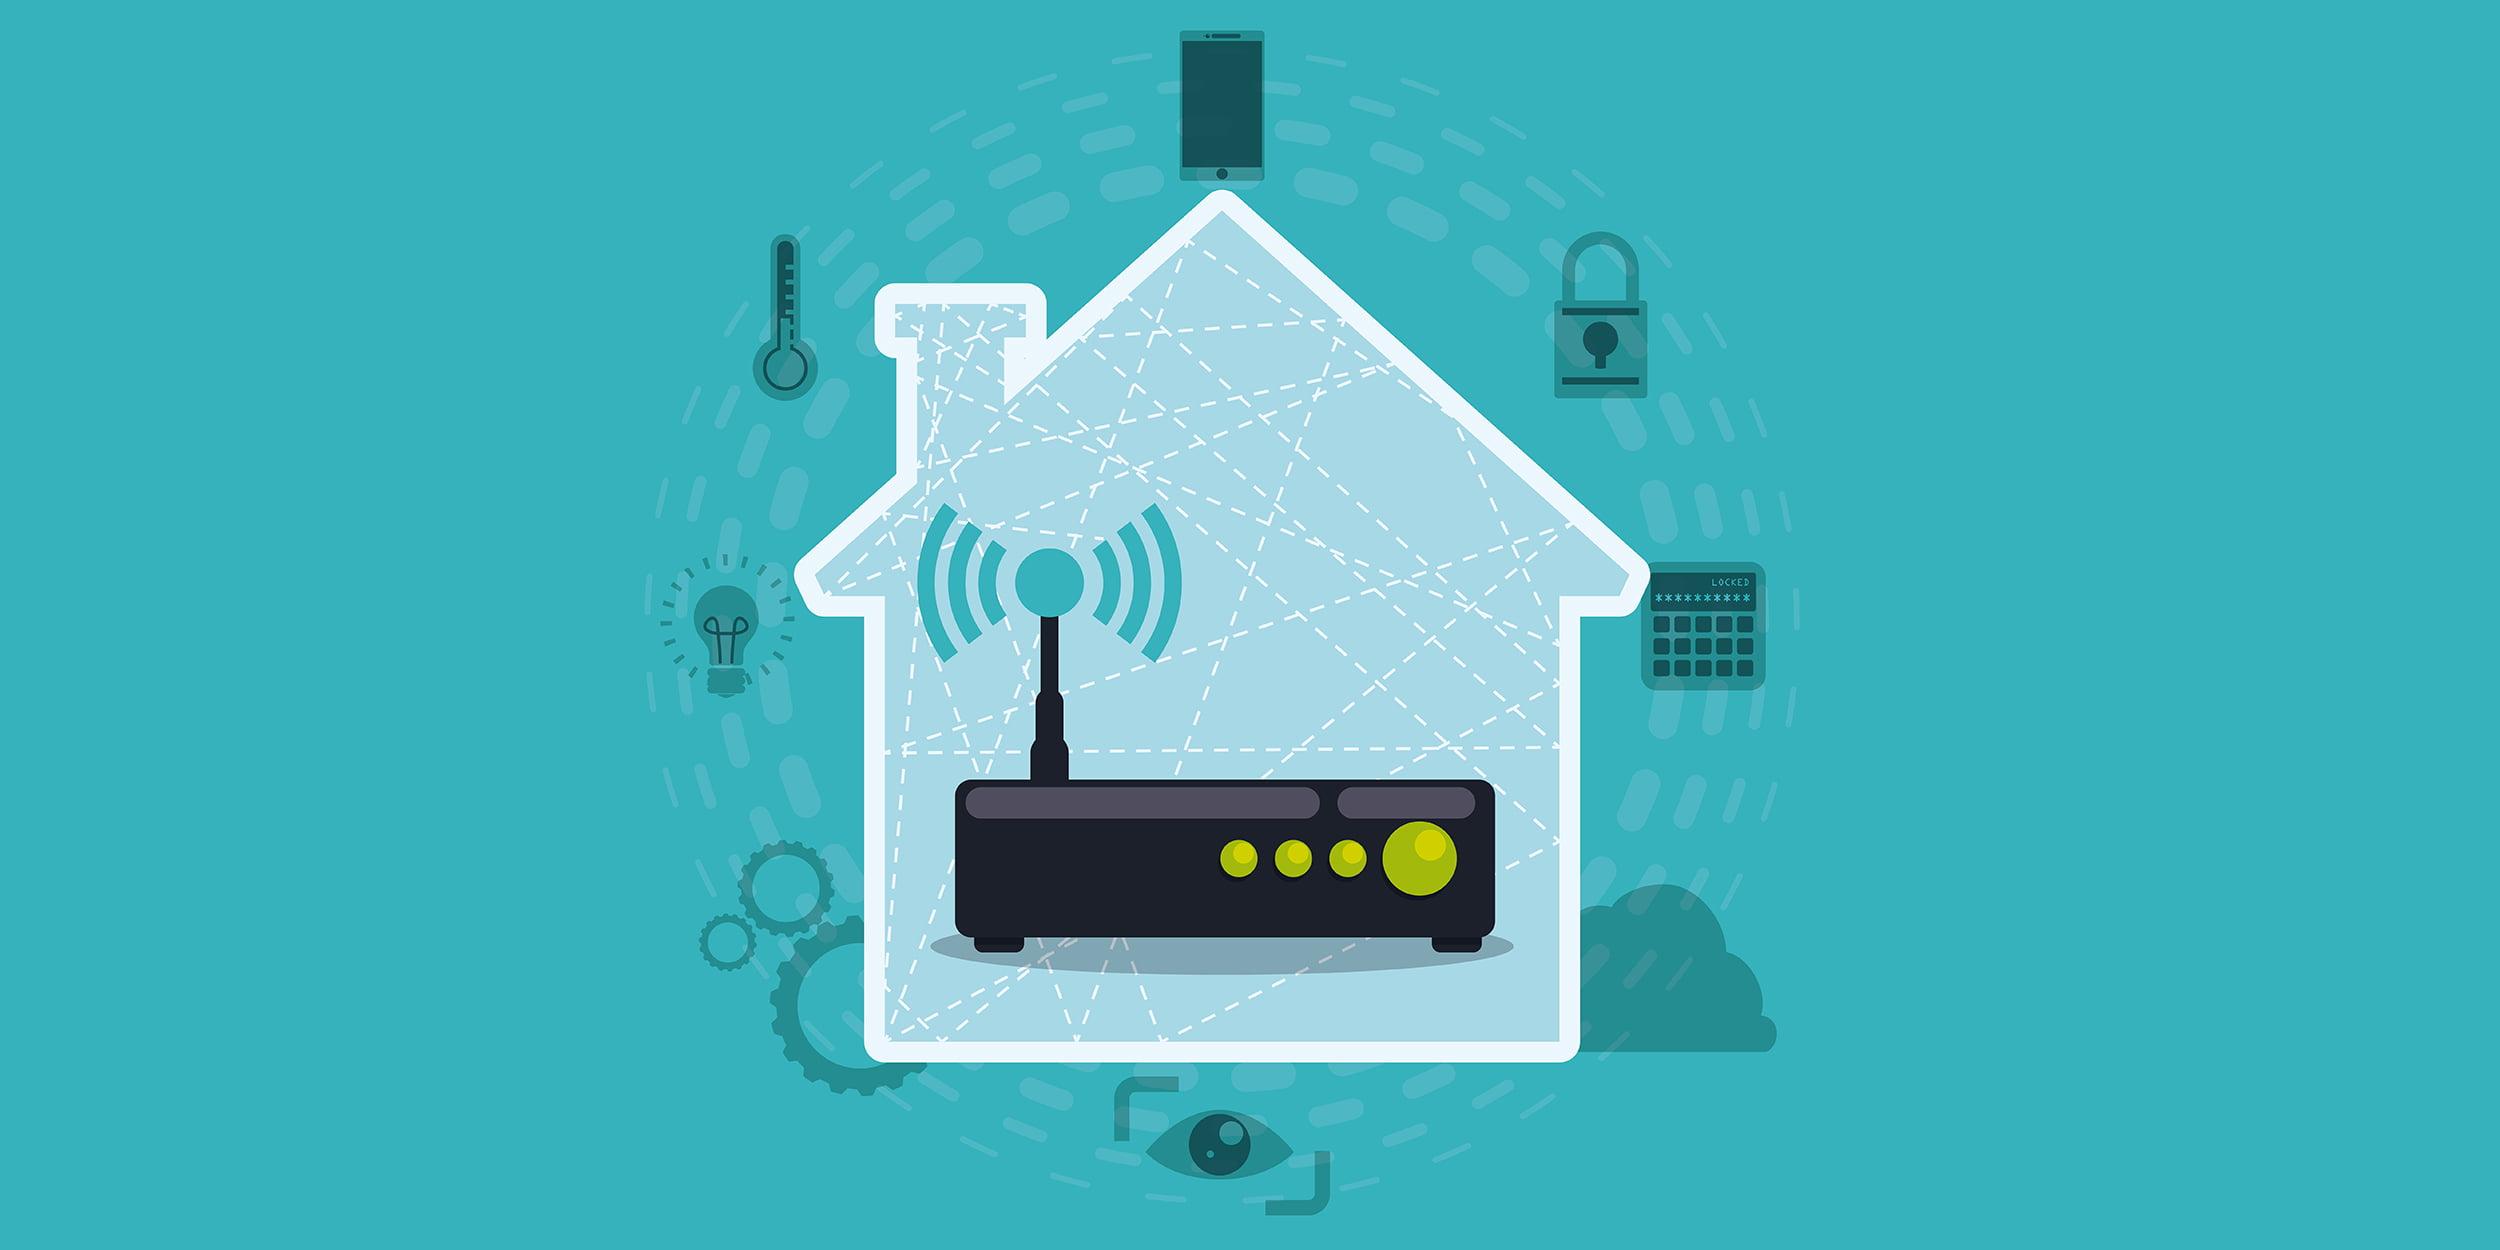 Как обновить домашнюю сеть Wi-Fi и повысить скорость доступа в интернет